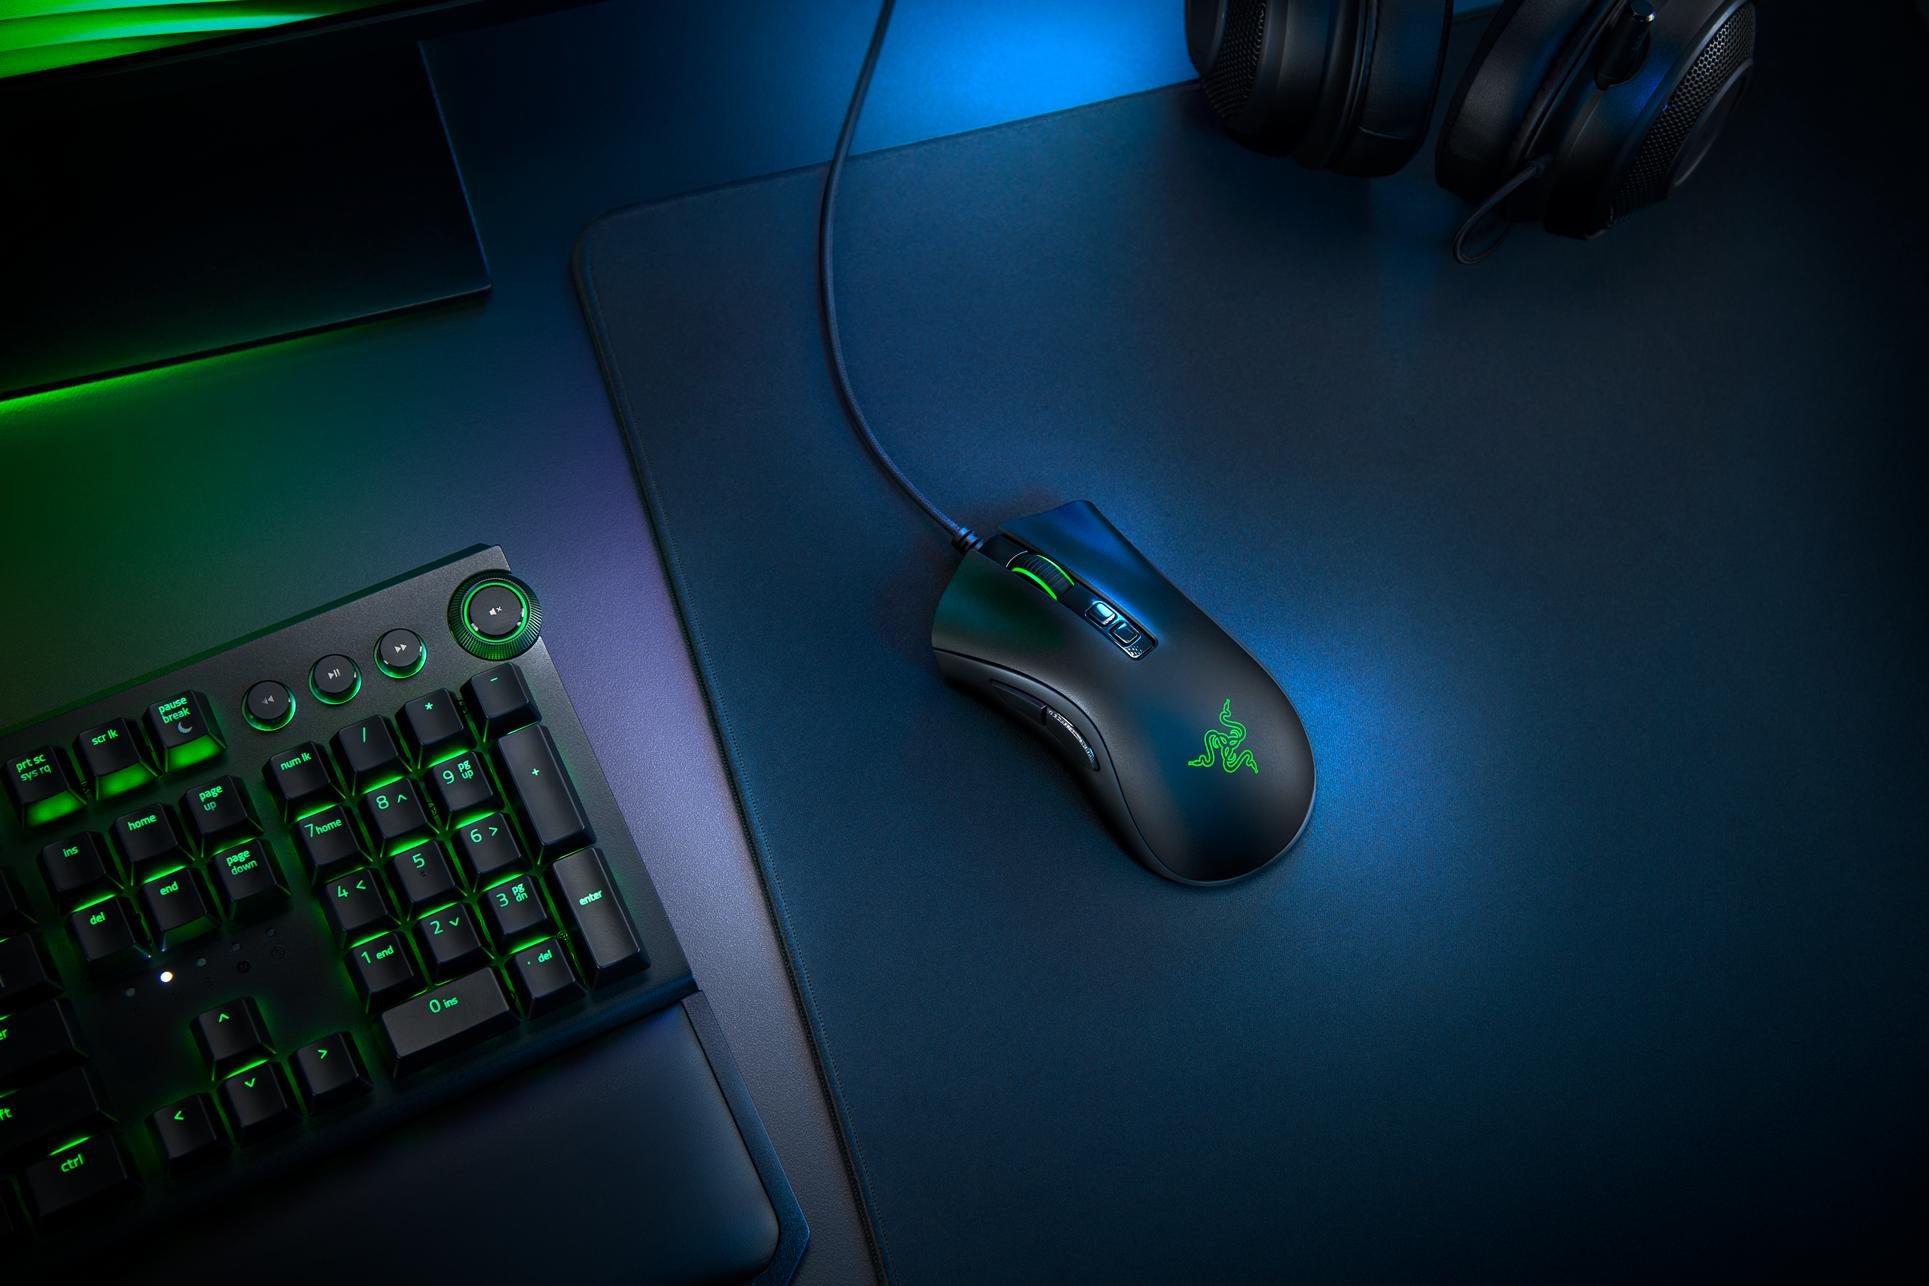 Gaming-Maus: Razer legt die Deathadder neu auf - Deathadder V2 (Bild: Razer)